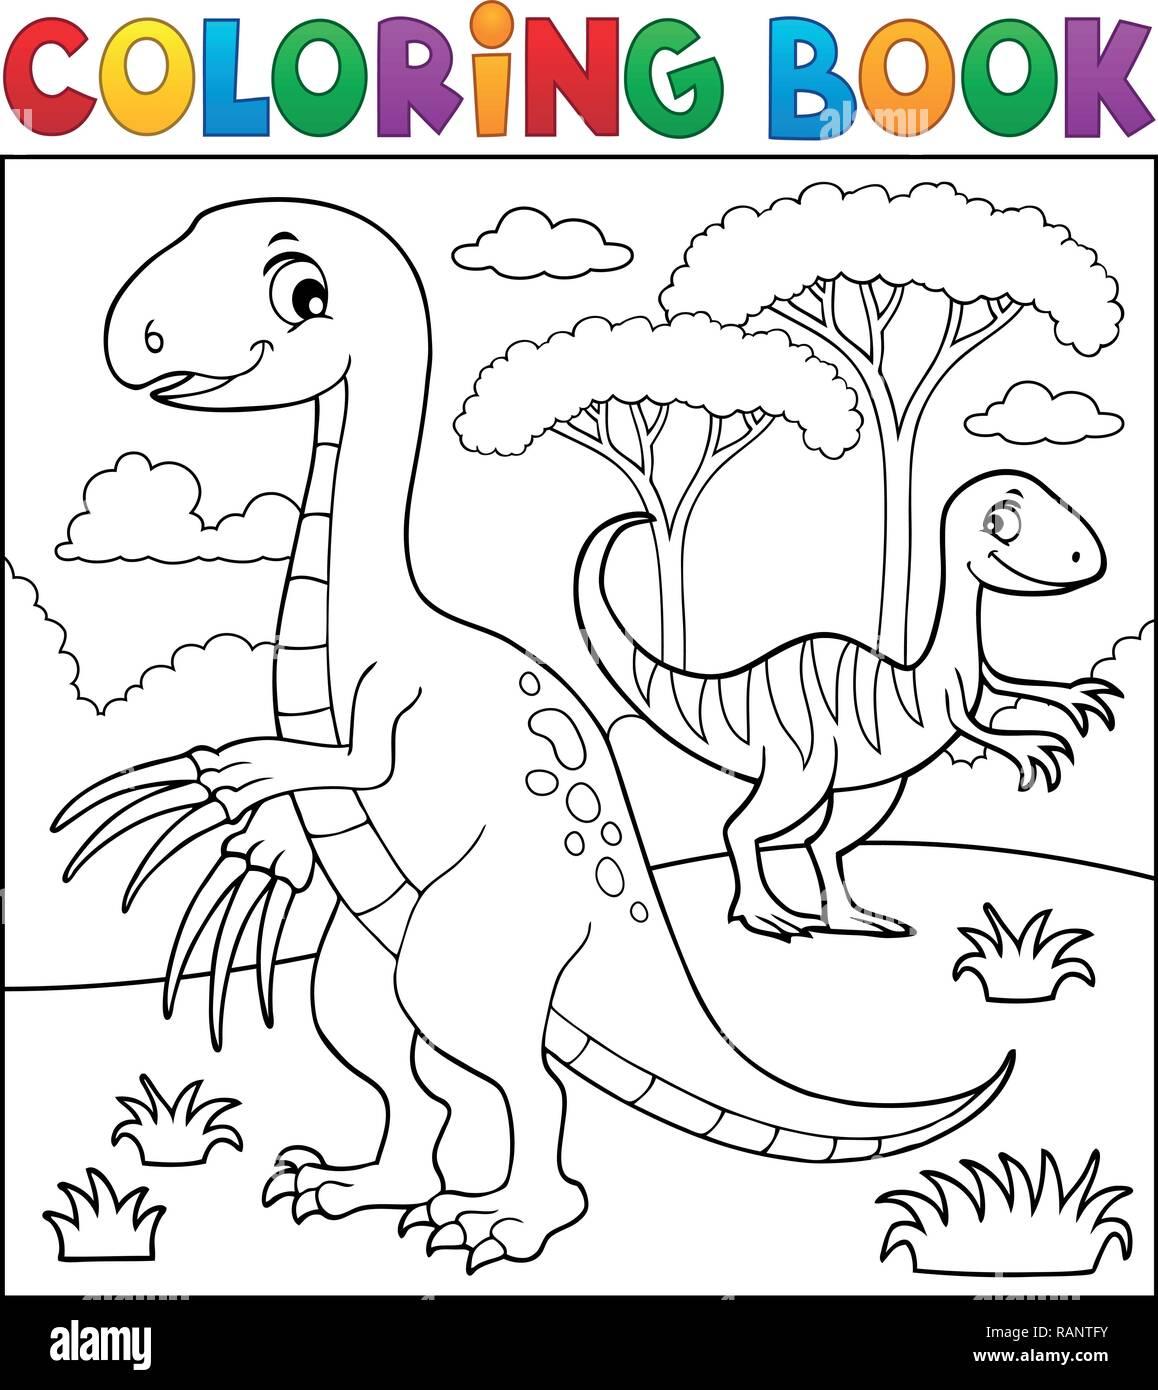 Libro Para Colorear De Dinosaurios Imagen Tema 4 Eps10 Ilustracion Vectorial Imagen Vector De Stock Alamy Este conjunto incluye 16 plantillas en forma de dinosaurio. https www alamy es libro para colorear de dinosaurios imagen tema 4 eps10 ilustracion vectorial image230361599 html